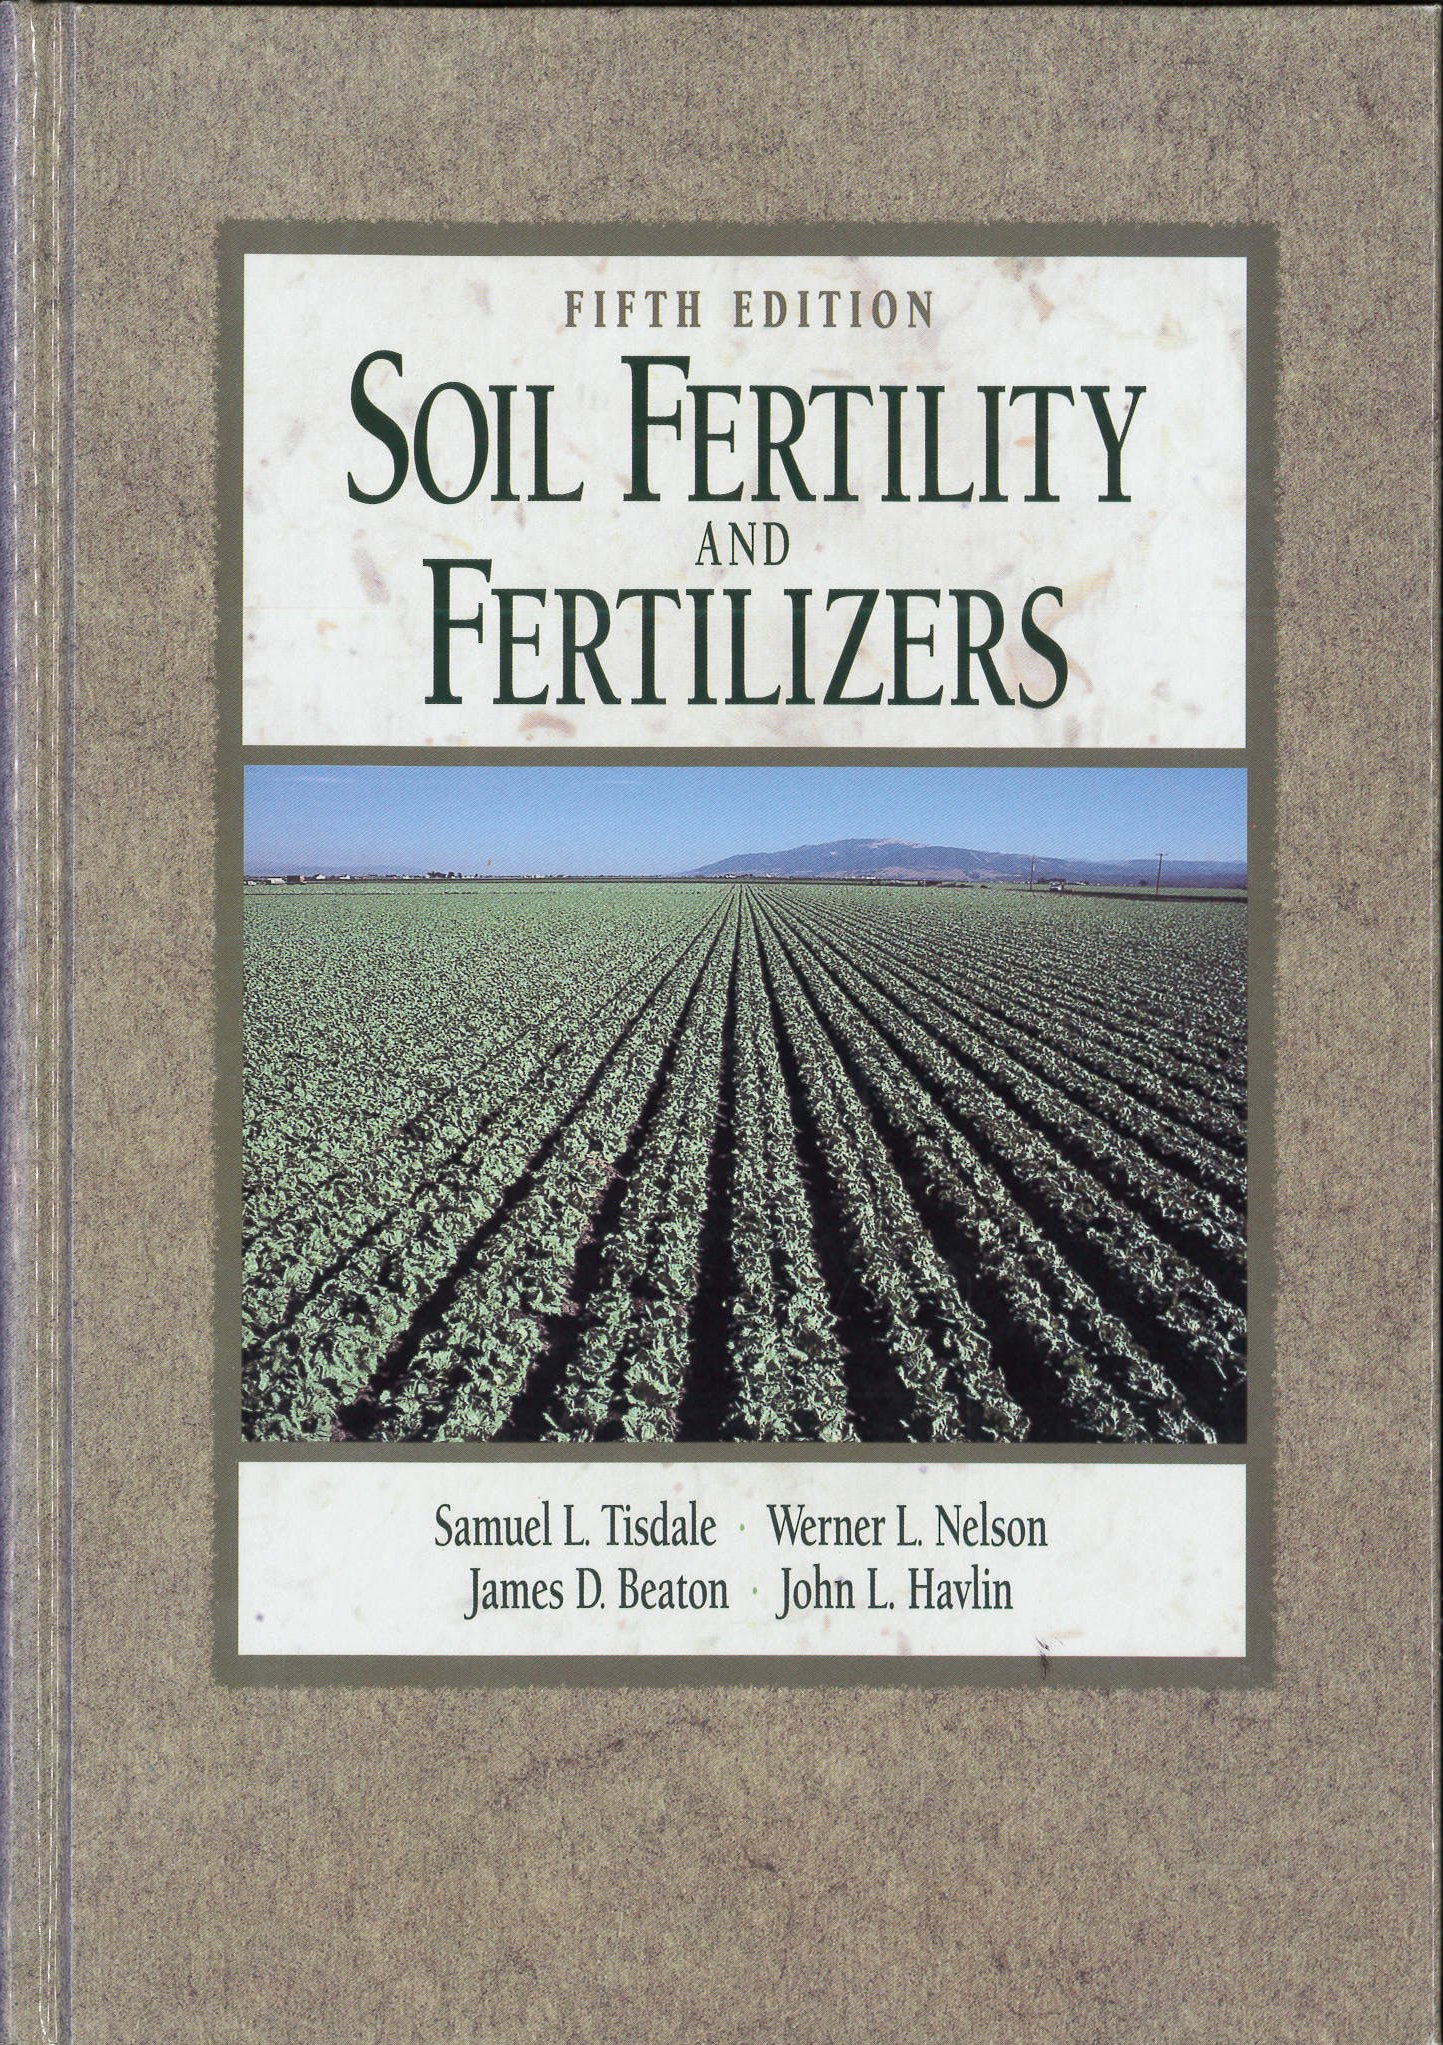 Soil Fertility and Fertilizers: Samuel L. Tisdale, Werner L. Nelson, James  D. Beaton, John L. Havlin: 9780024208354: Books - Amazon.ca